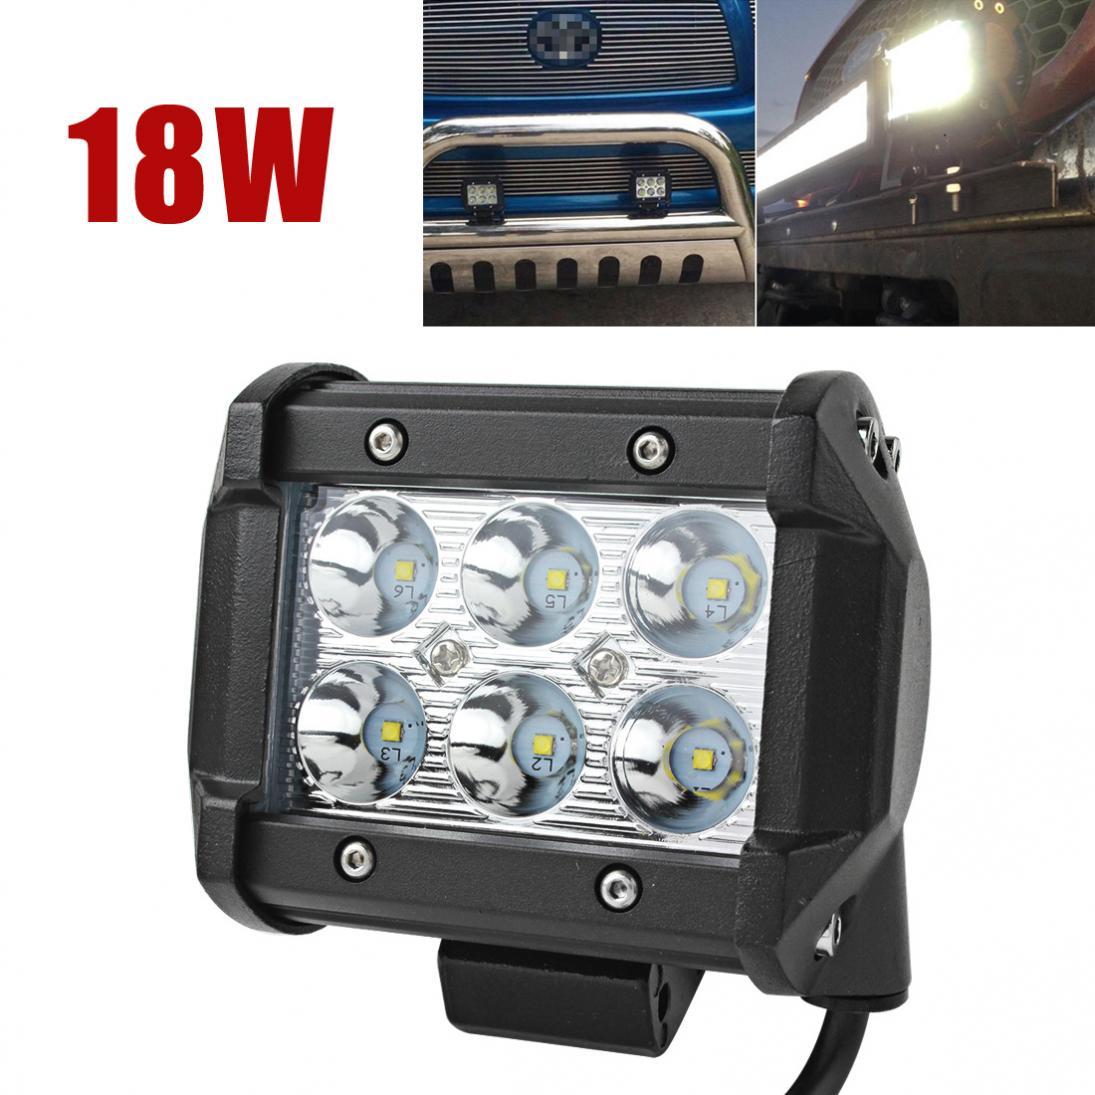 1 ədəd 1440LM 6000K 18W Super Güclü Suya davamlı LED Motosiklet / Traktor / Boat / 4WD Offroad / SUV / ATV üçün işığı